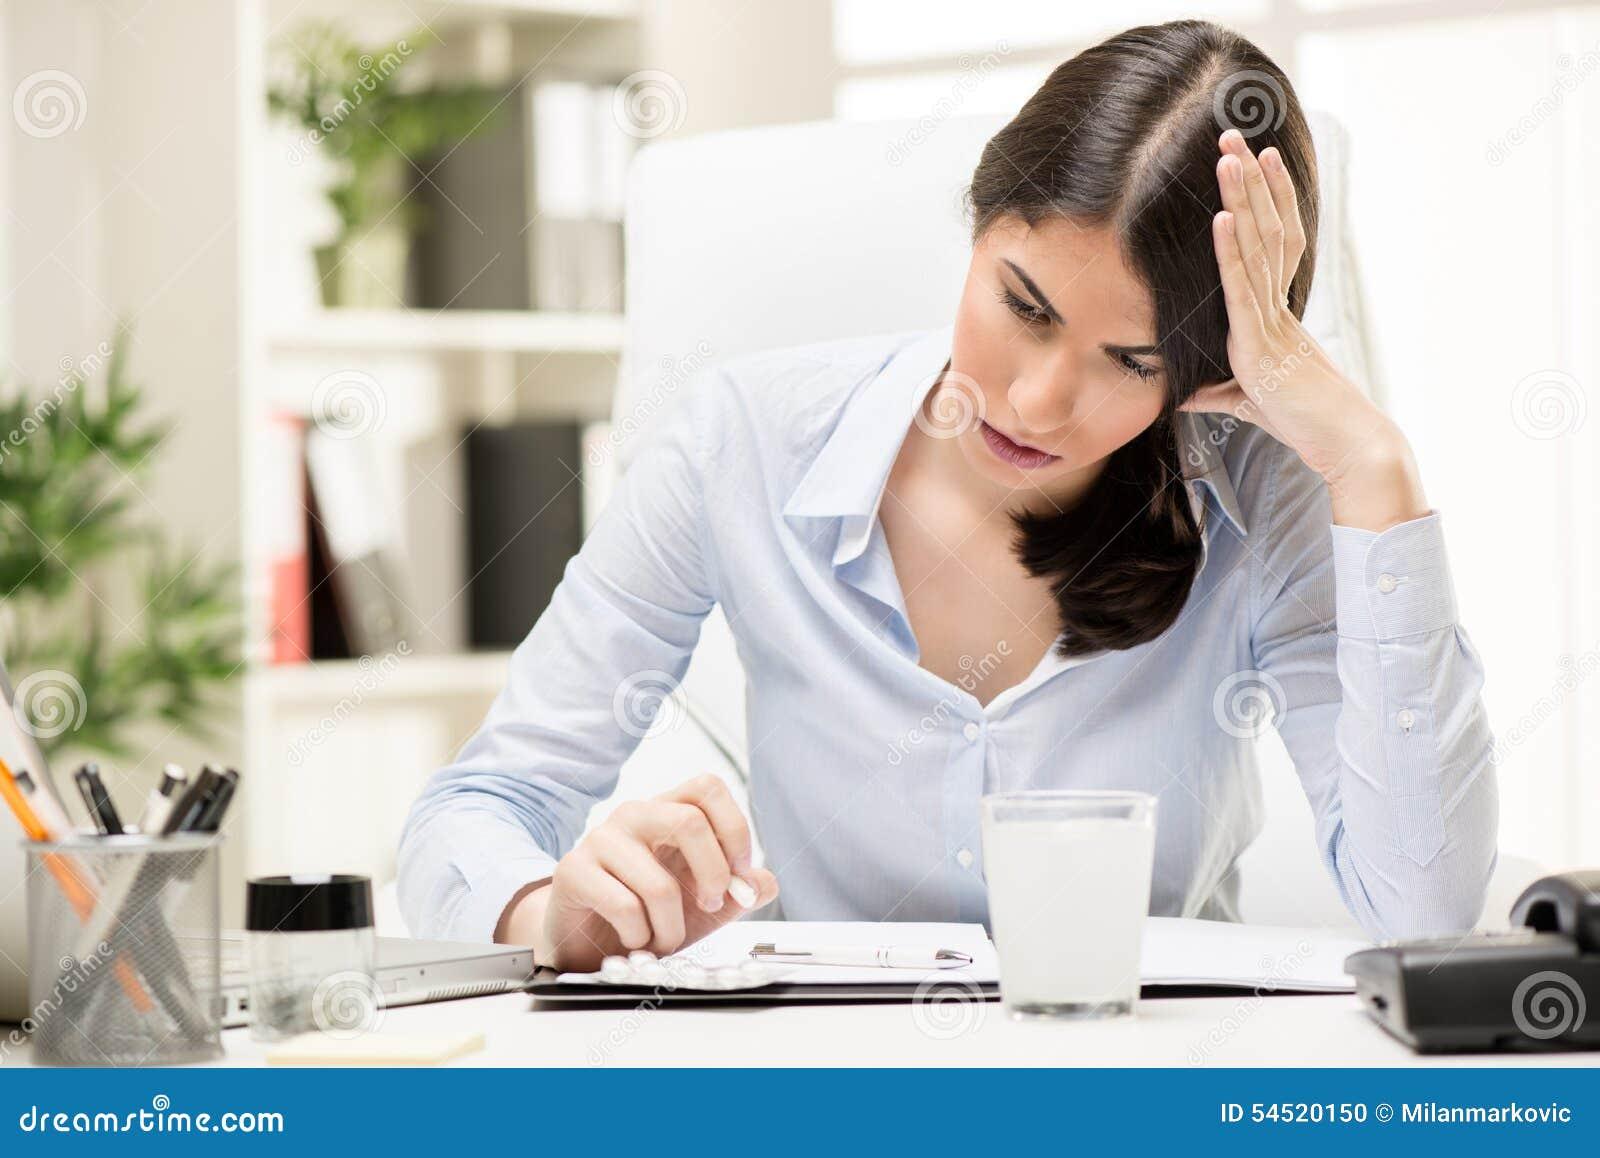 Dor de cabeça no trabalho